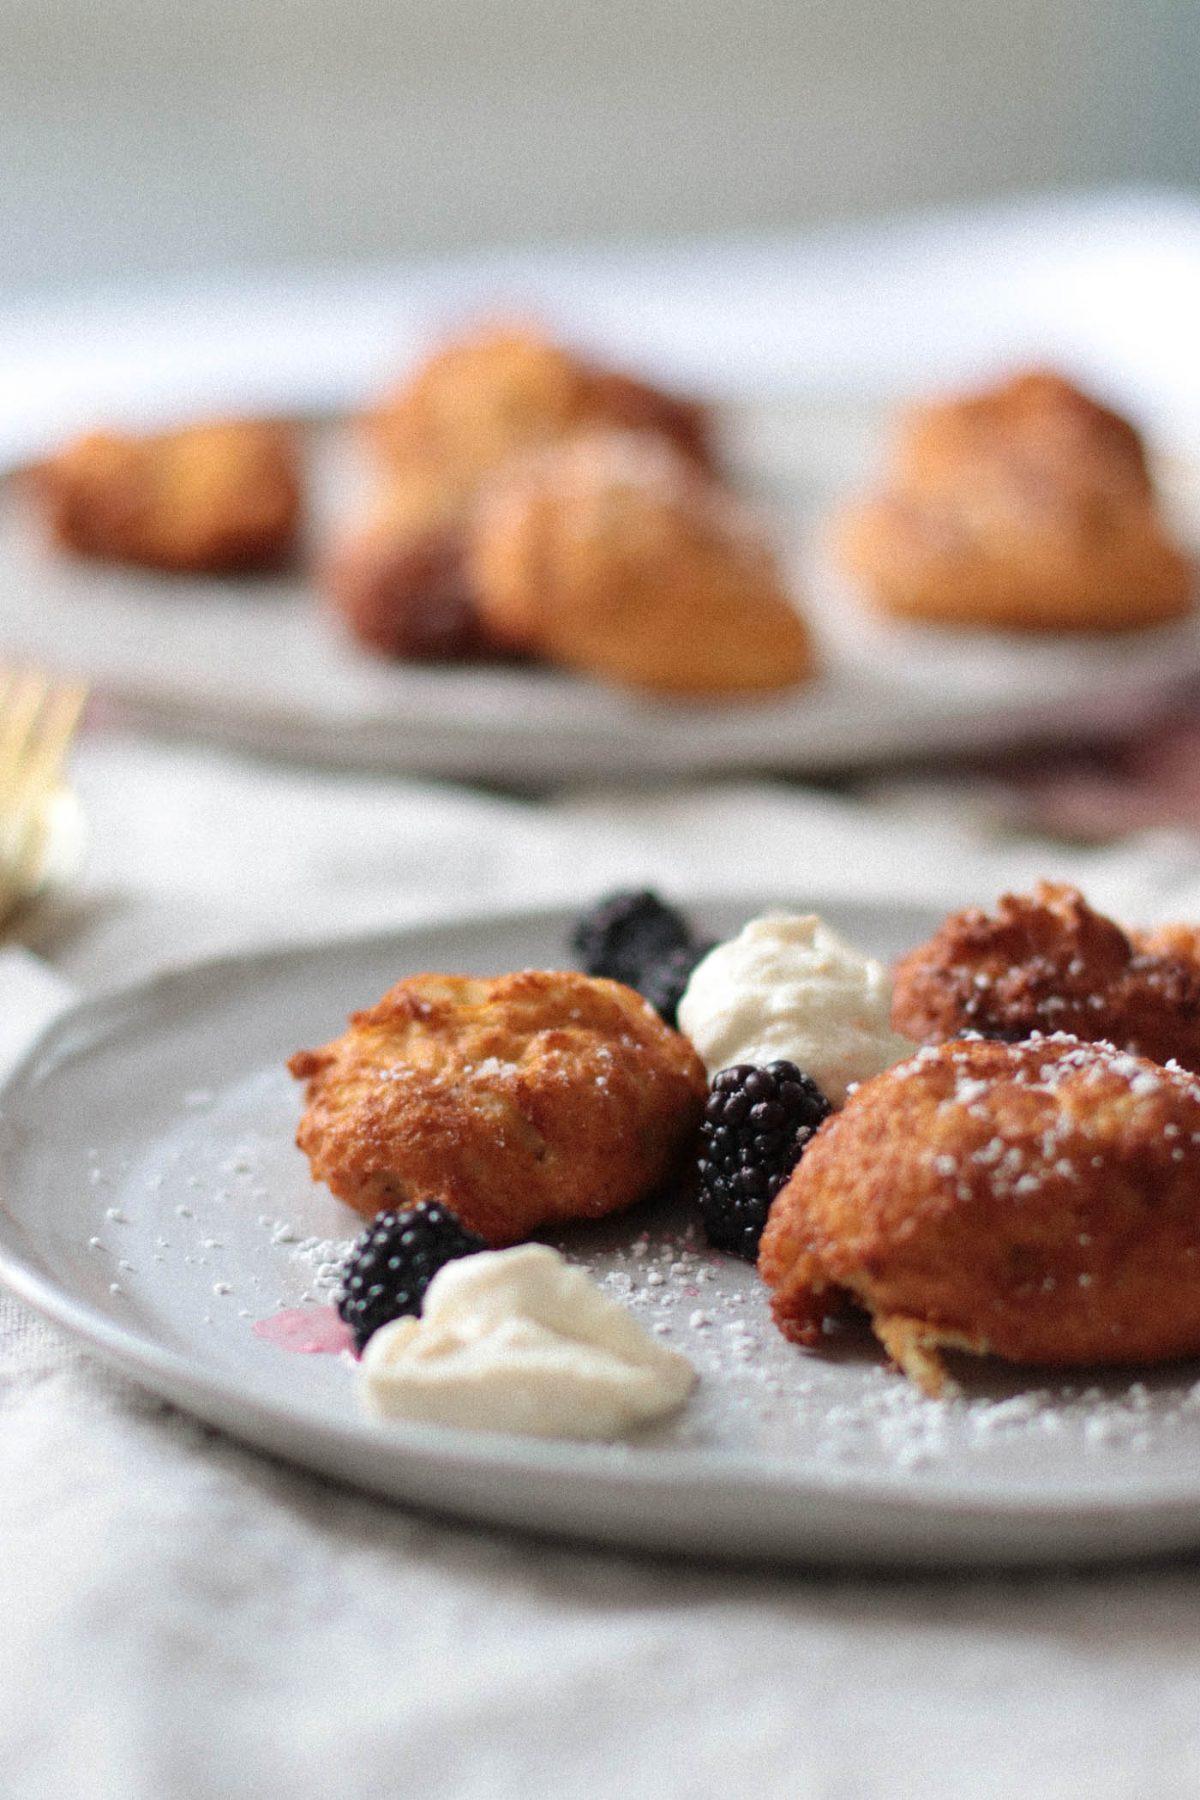 Ricottakrapfen - Ricotta doughnuts - Ricotta donuts - Baci di Ricotta 6